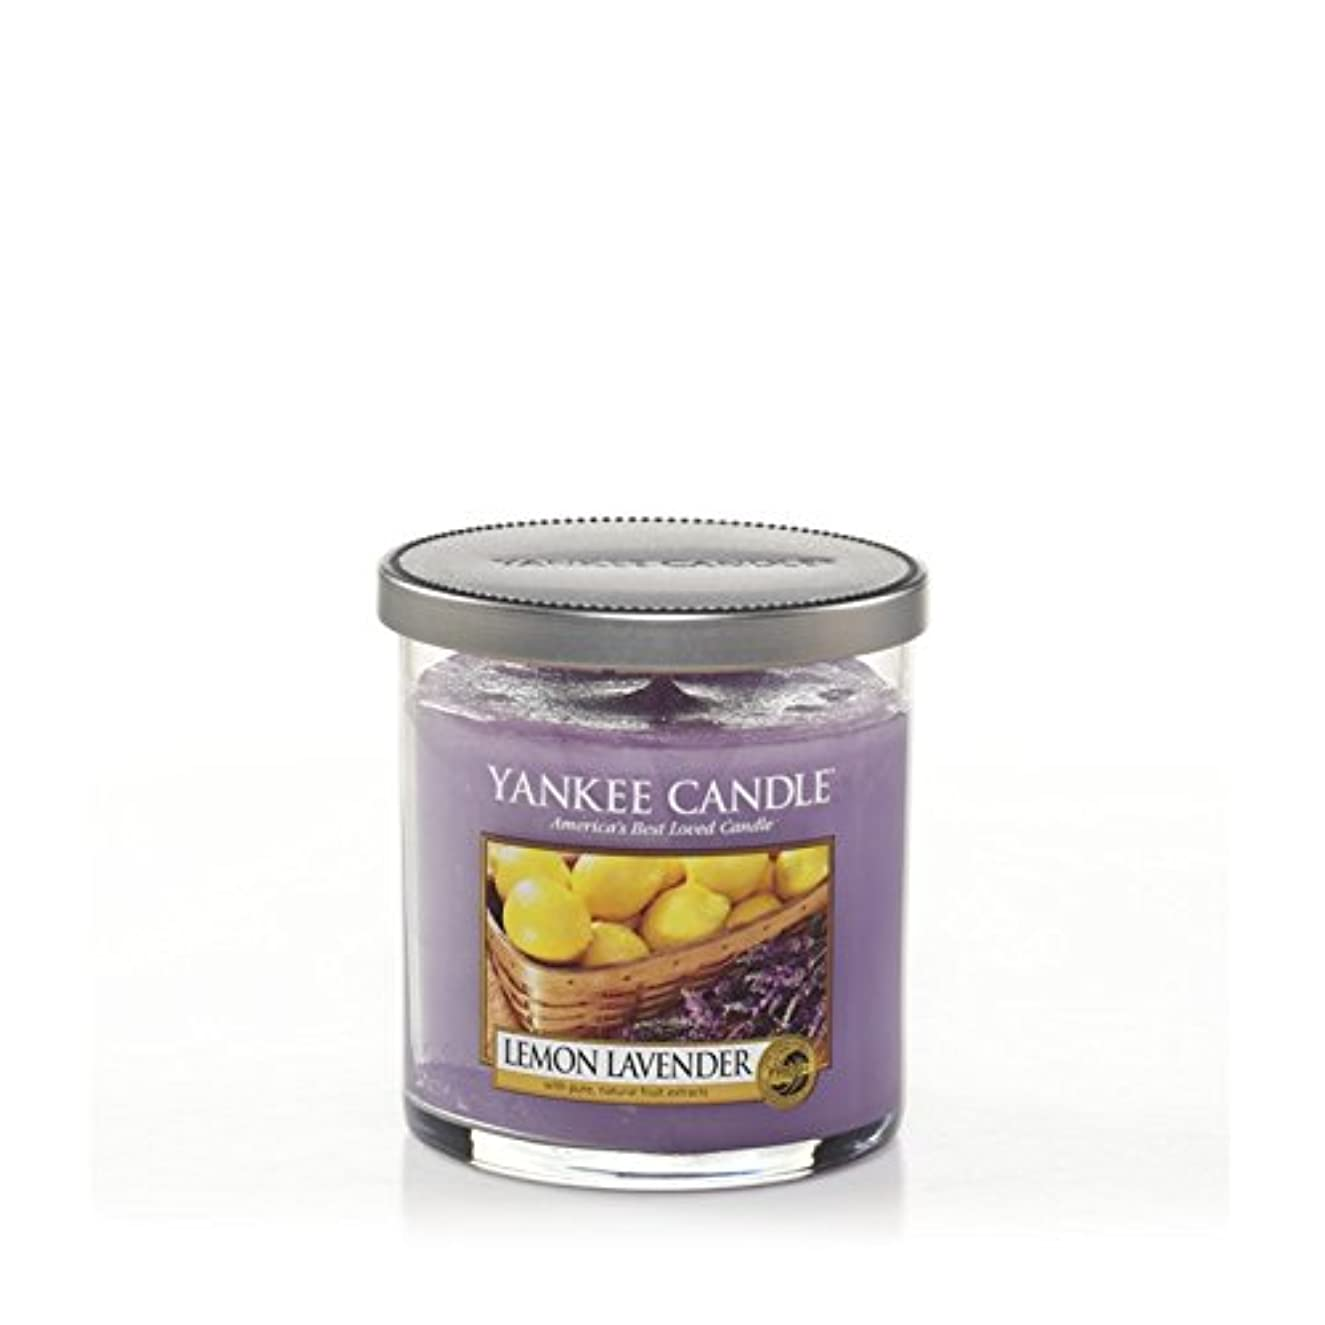 ダムバンガローアジアヤンキーキャンドルの小さな柱キャンドル - レモンラベンダー - Yankee Candles Small Pillar Candle - Lemon Lavender (Yankee Candles) [並行輸入品]